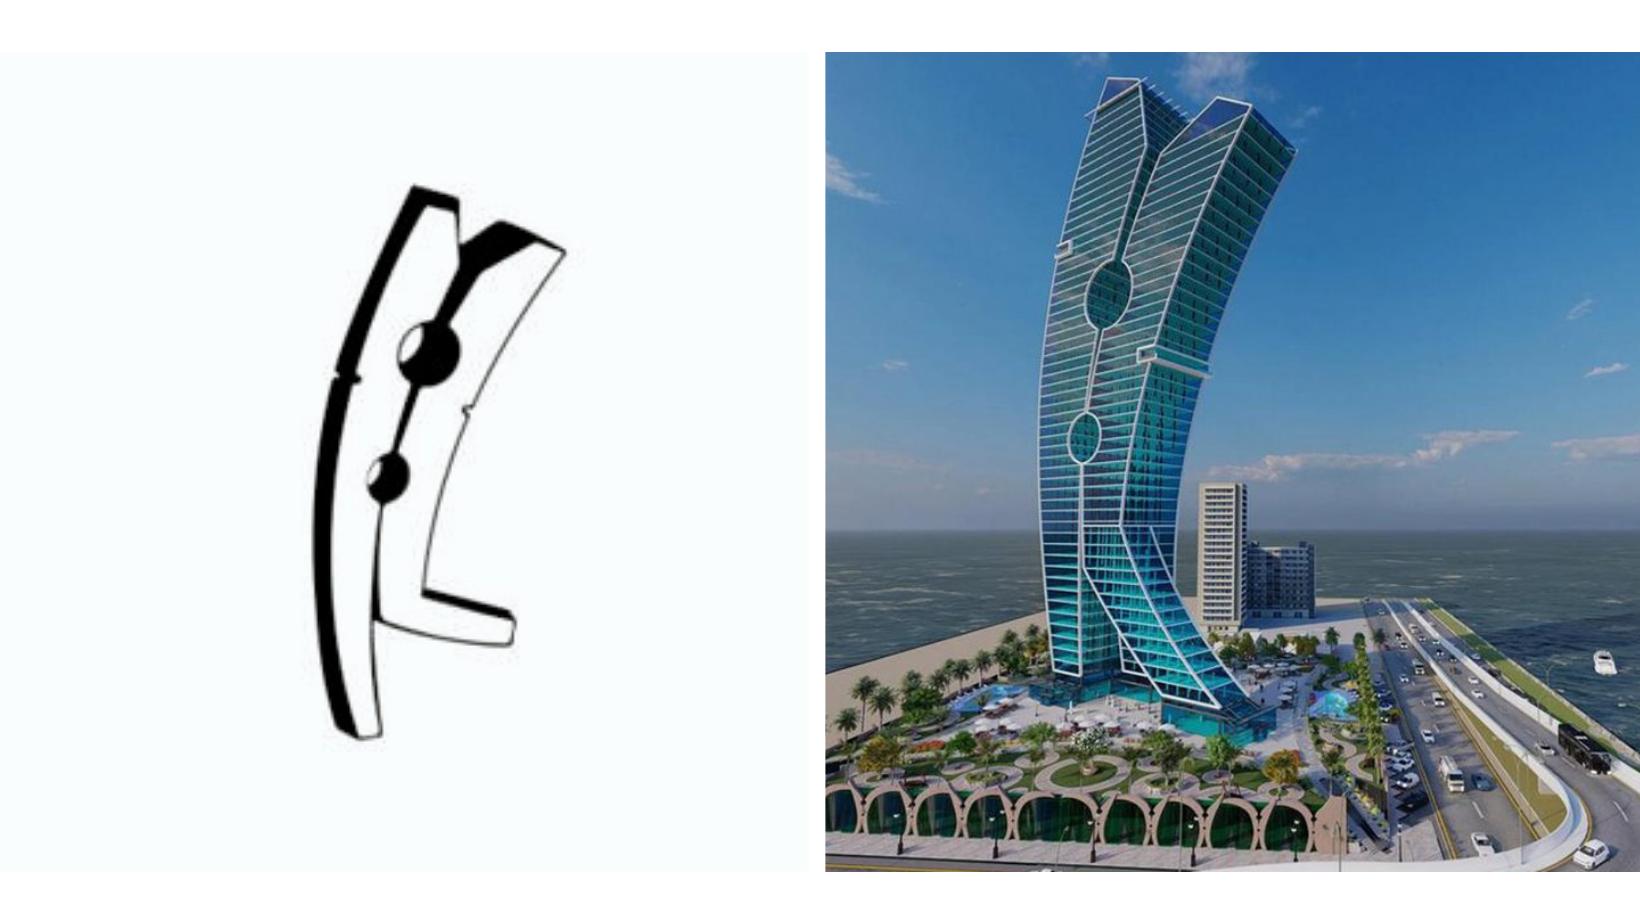 New building in Dubai